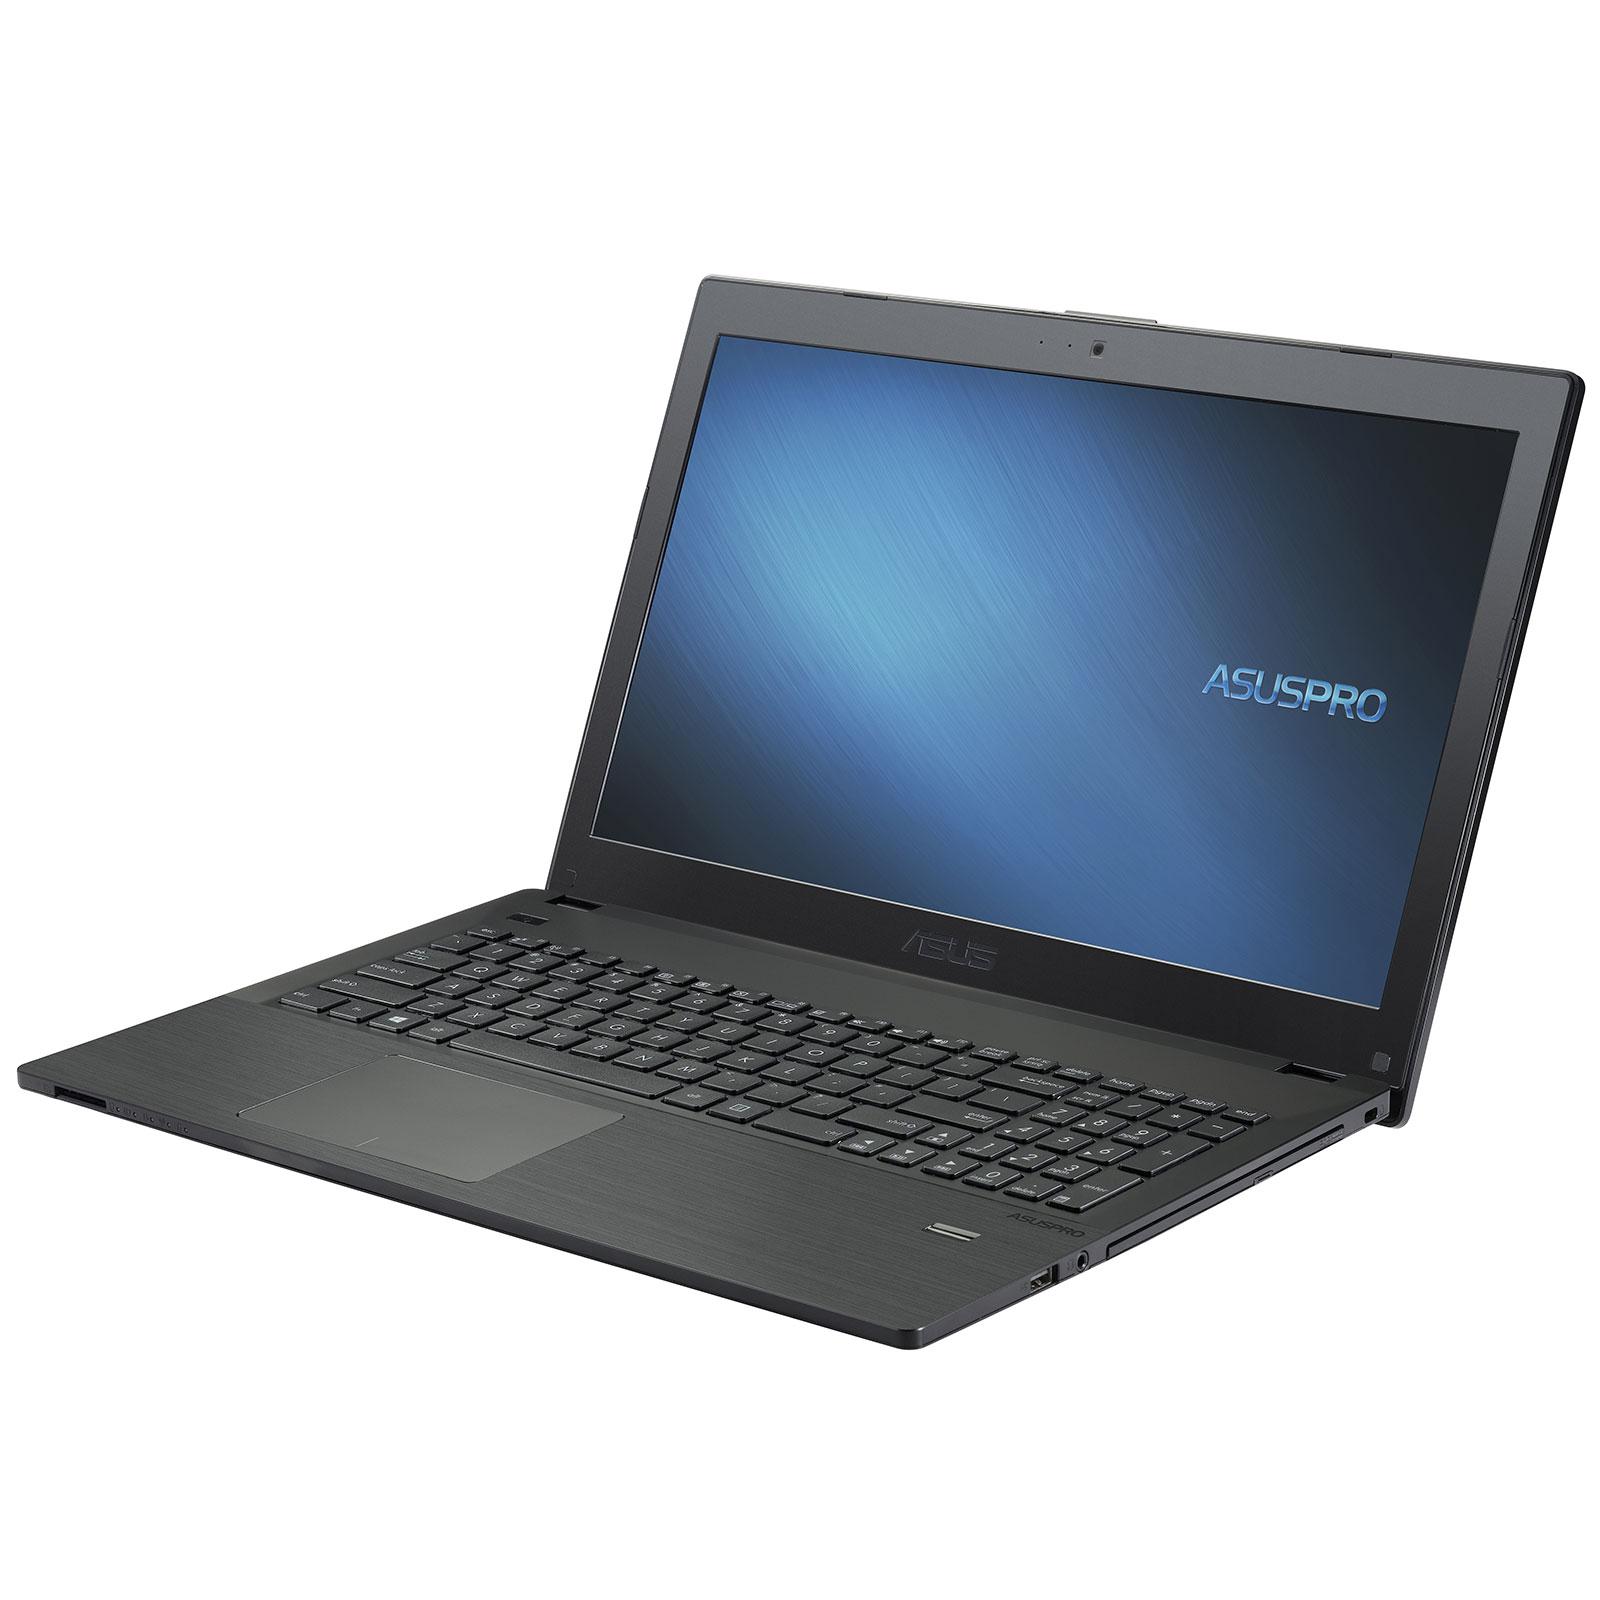 ... Matériels informatique pc portable pro ASUS P2520LA-XO0613E i3 15  pouces infinytech Réunion 1. b0ffee6815a2